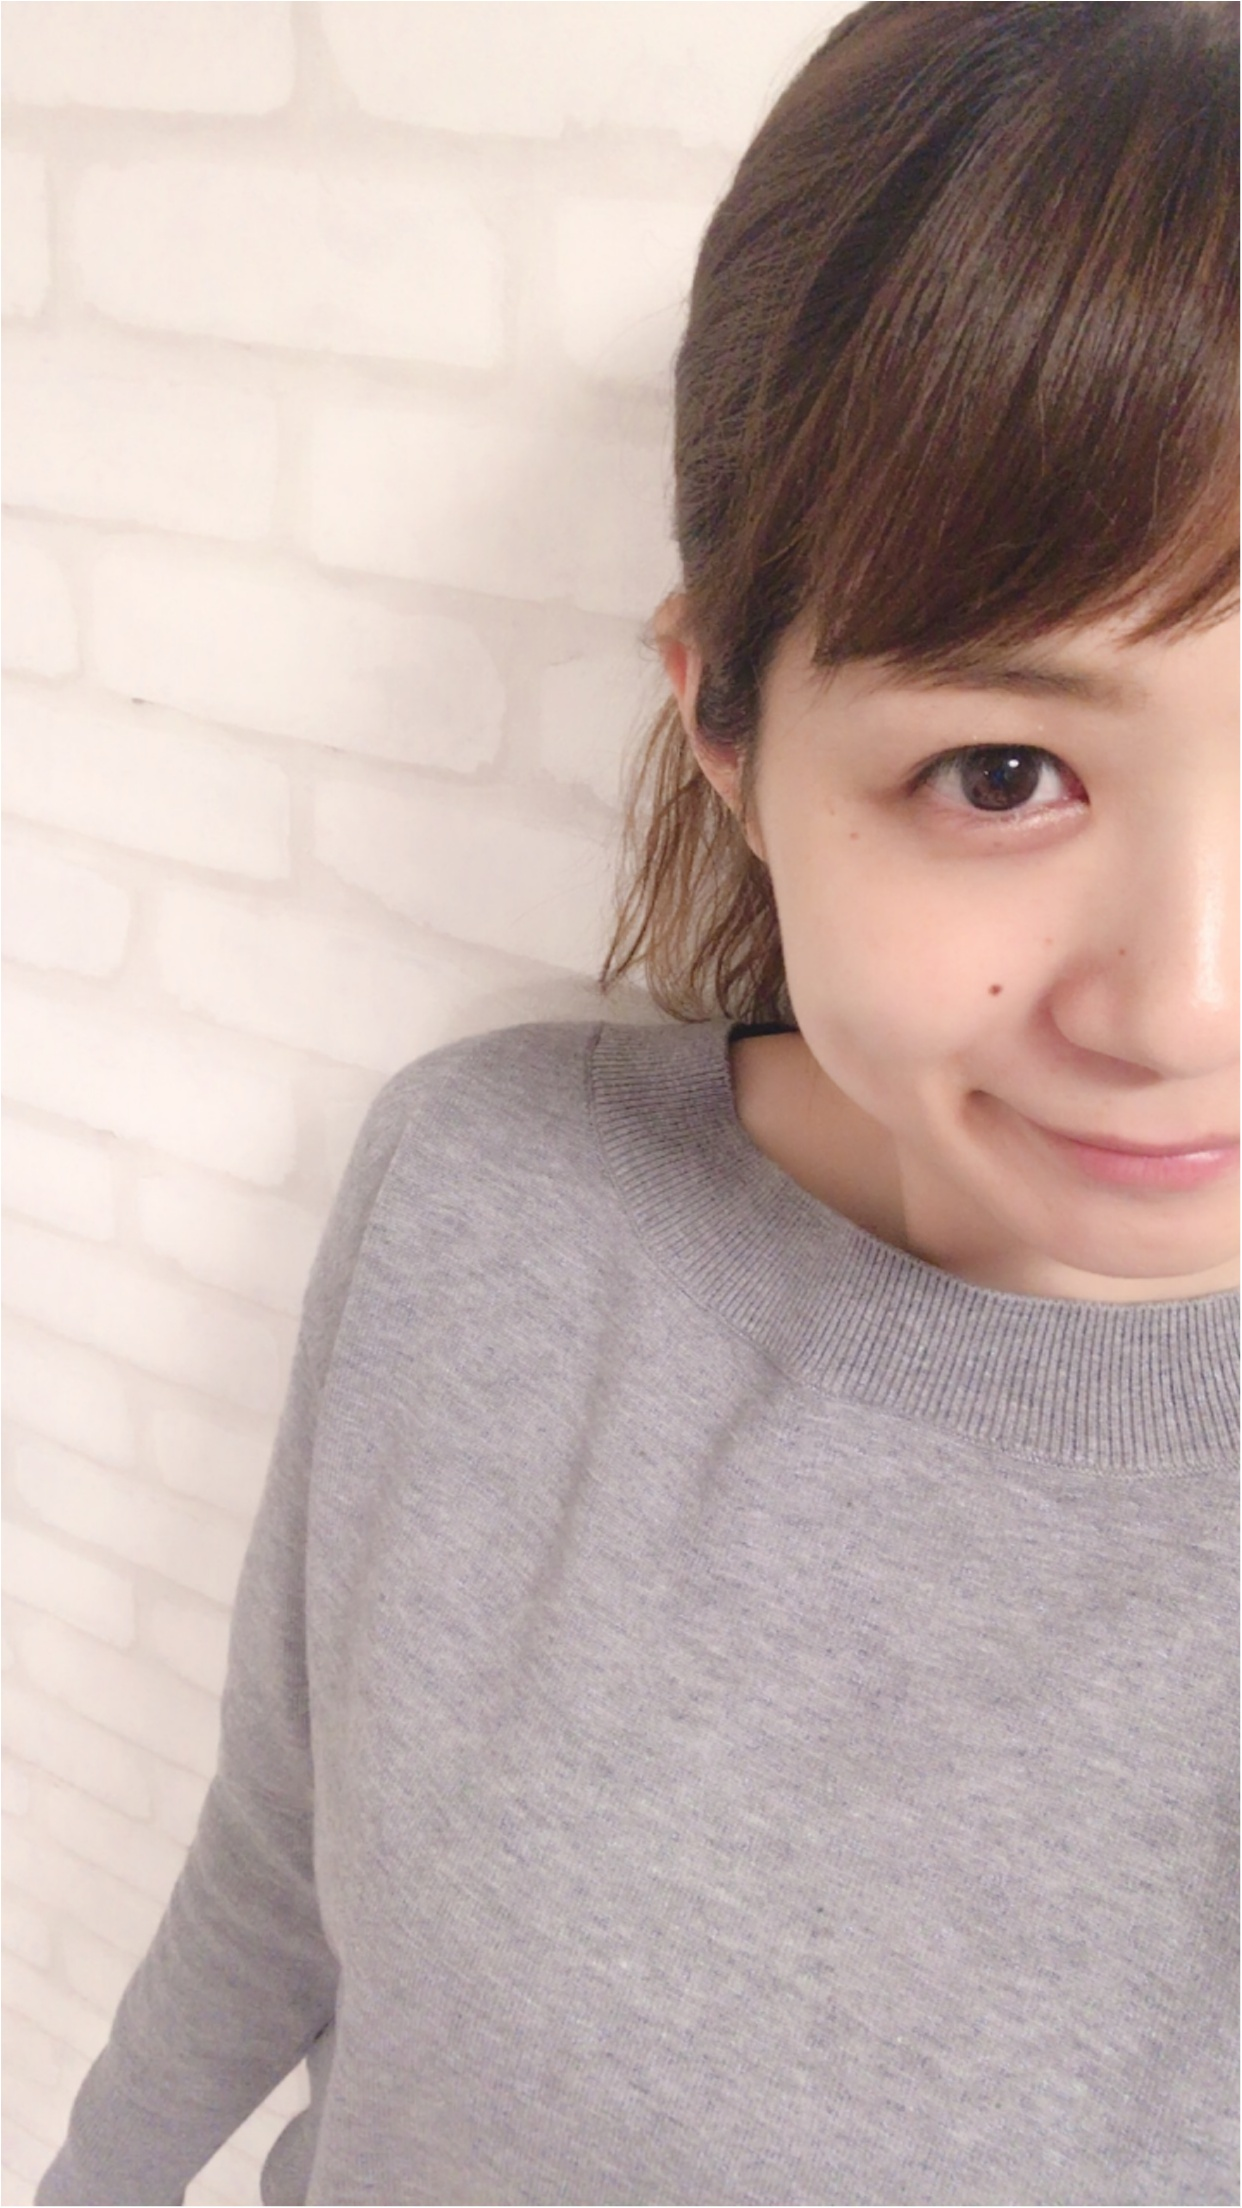 【 コーデ】組曲×MOREのコラボ♡ニットセットアップ&ファーティペットでMOREレディ♡_2